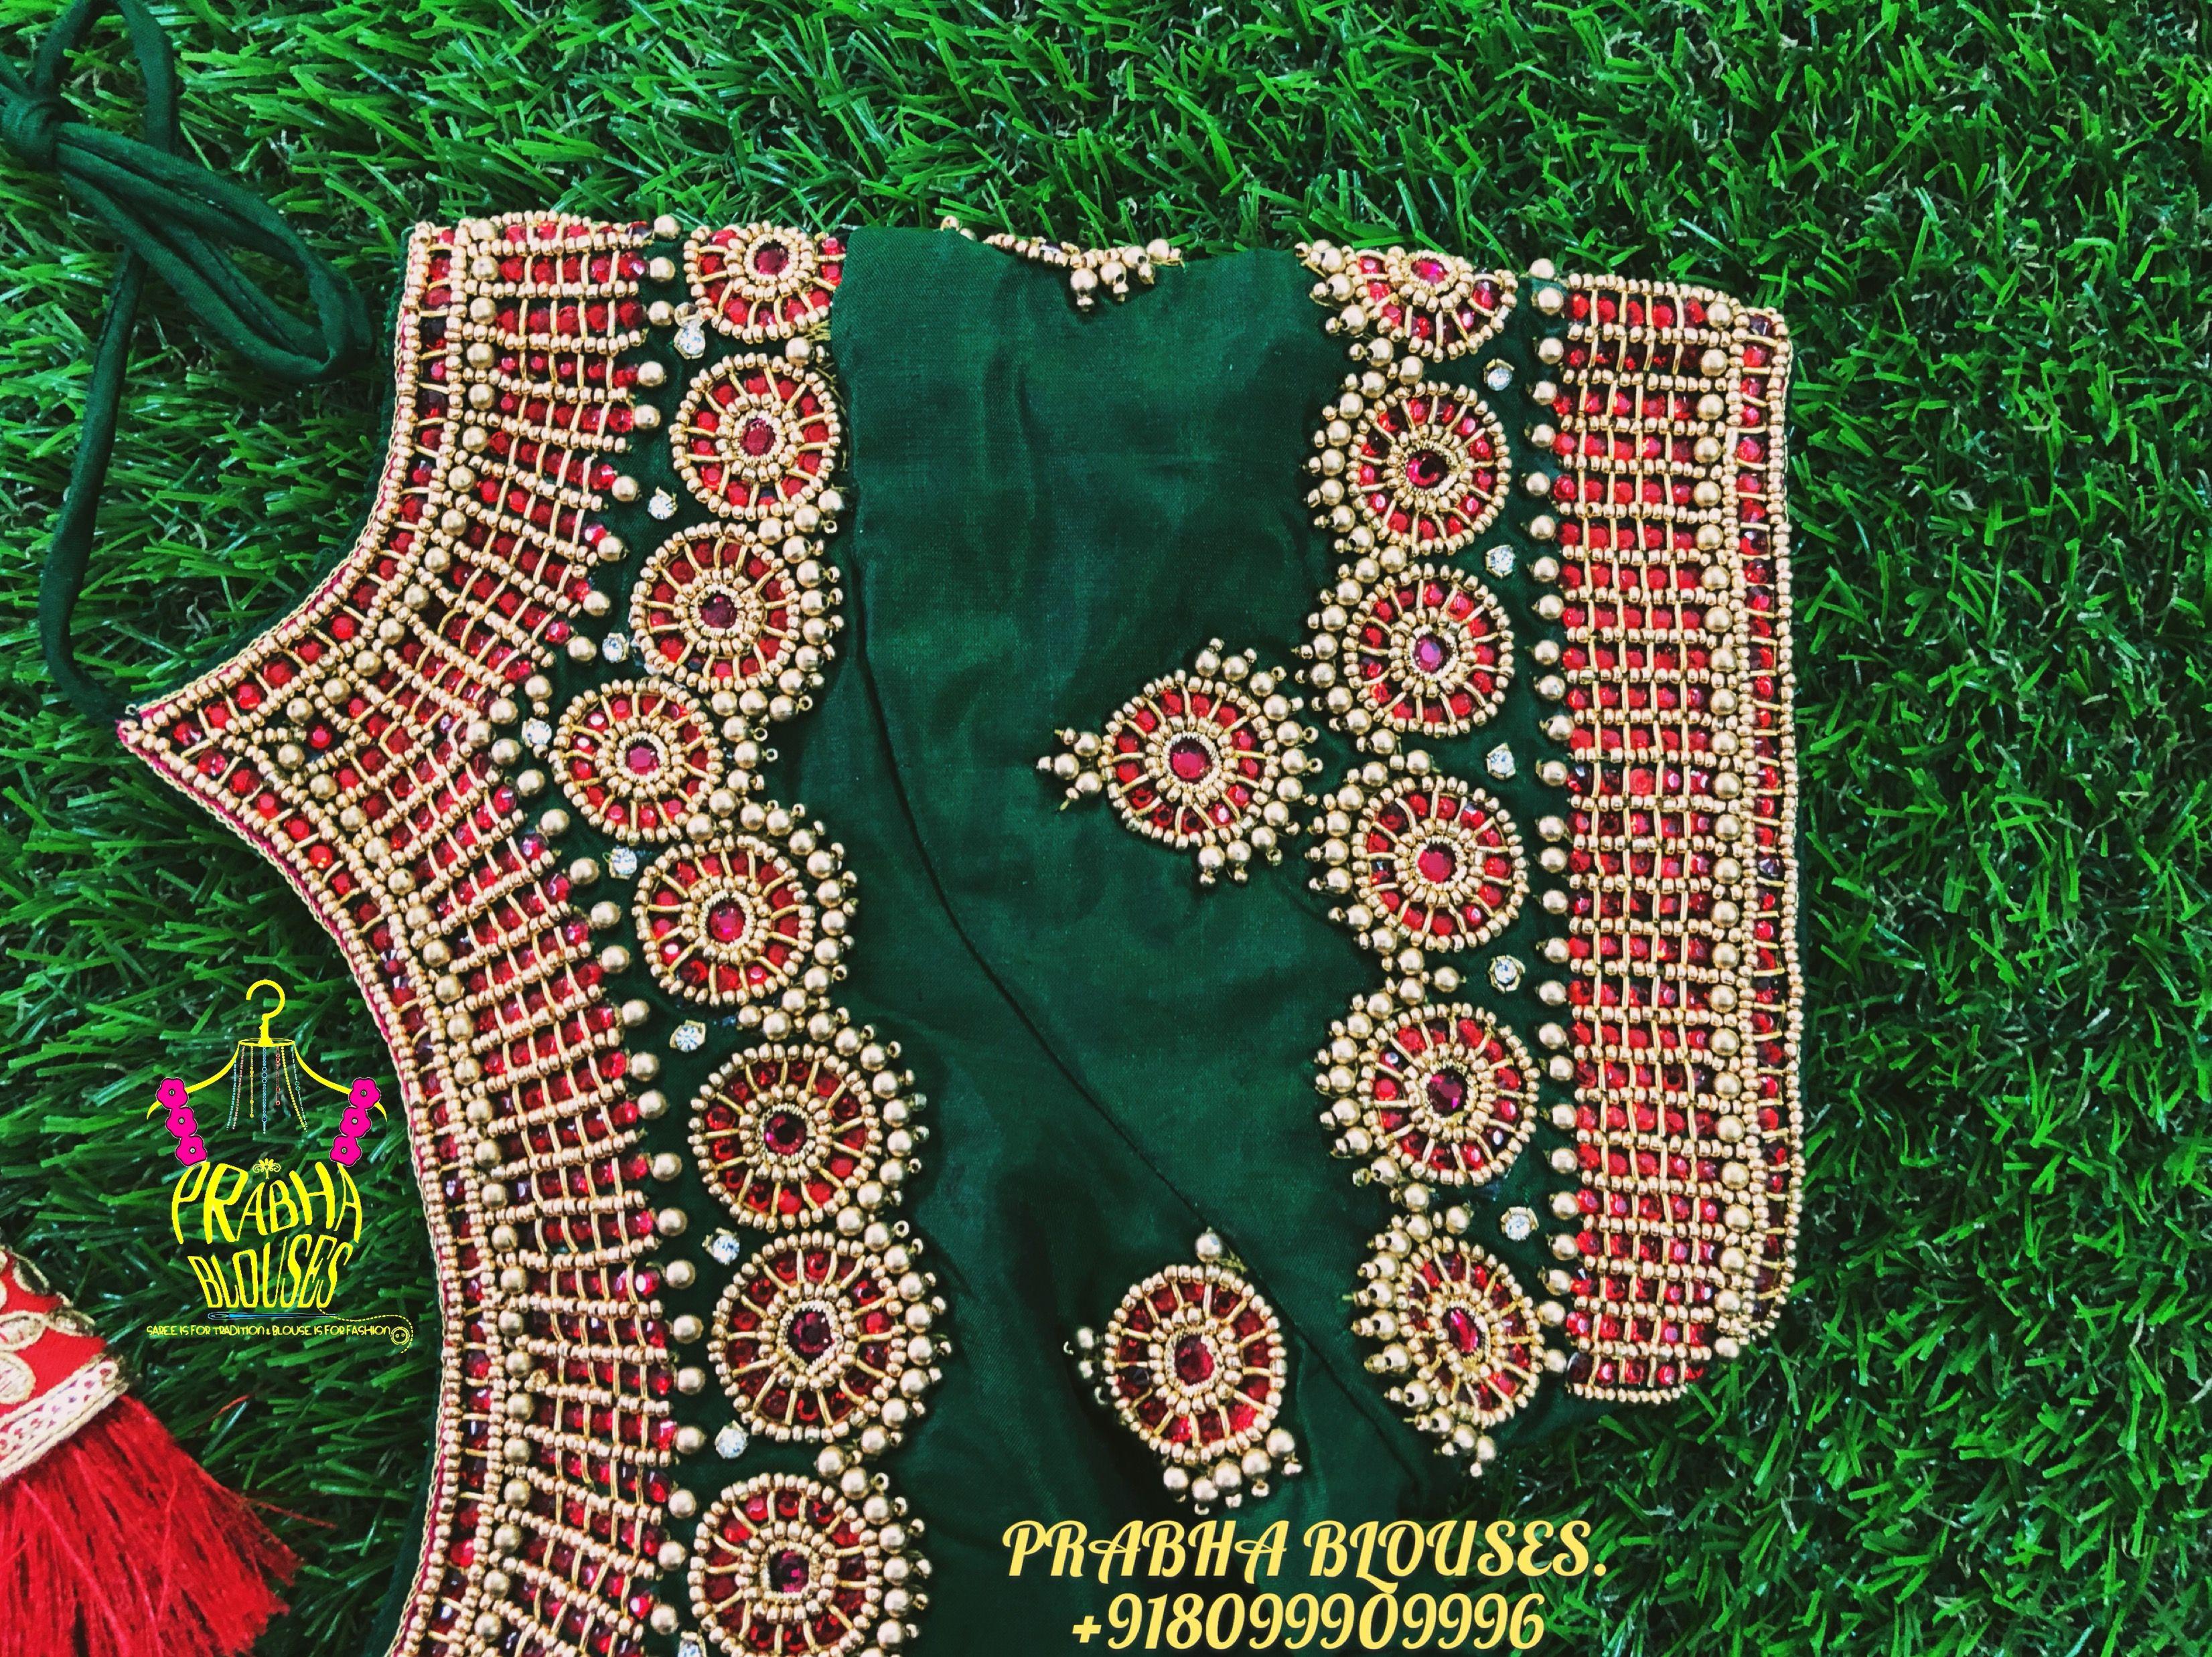 Pin by prabha blouses on prabha blouses in pinterest blouse